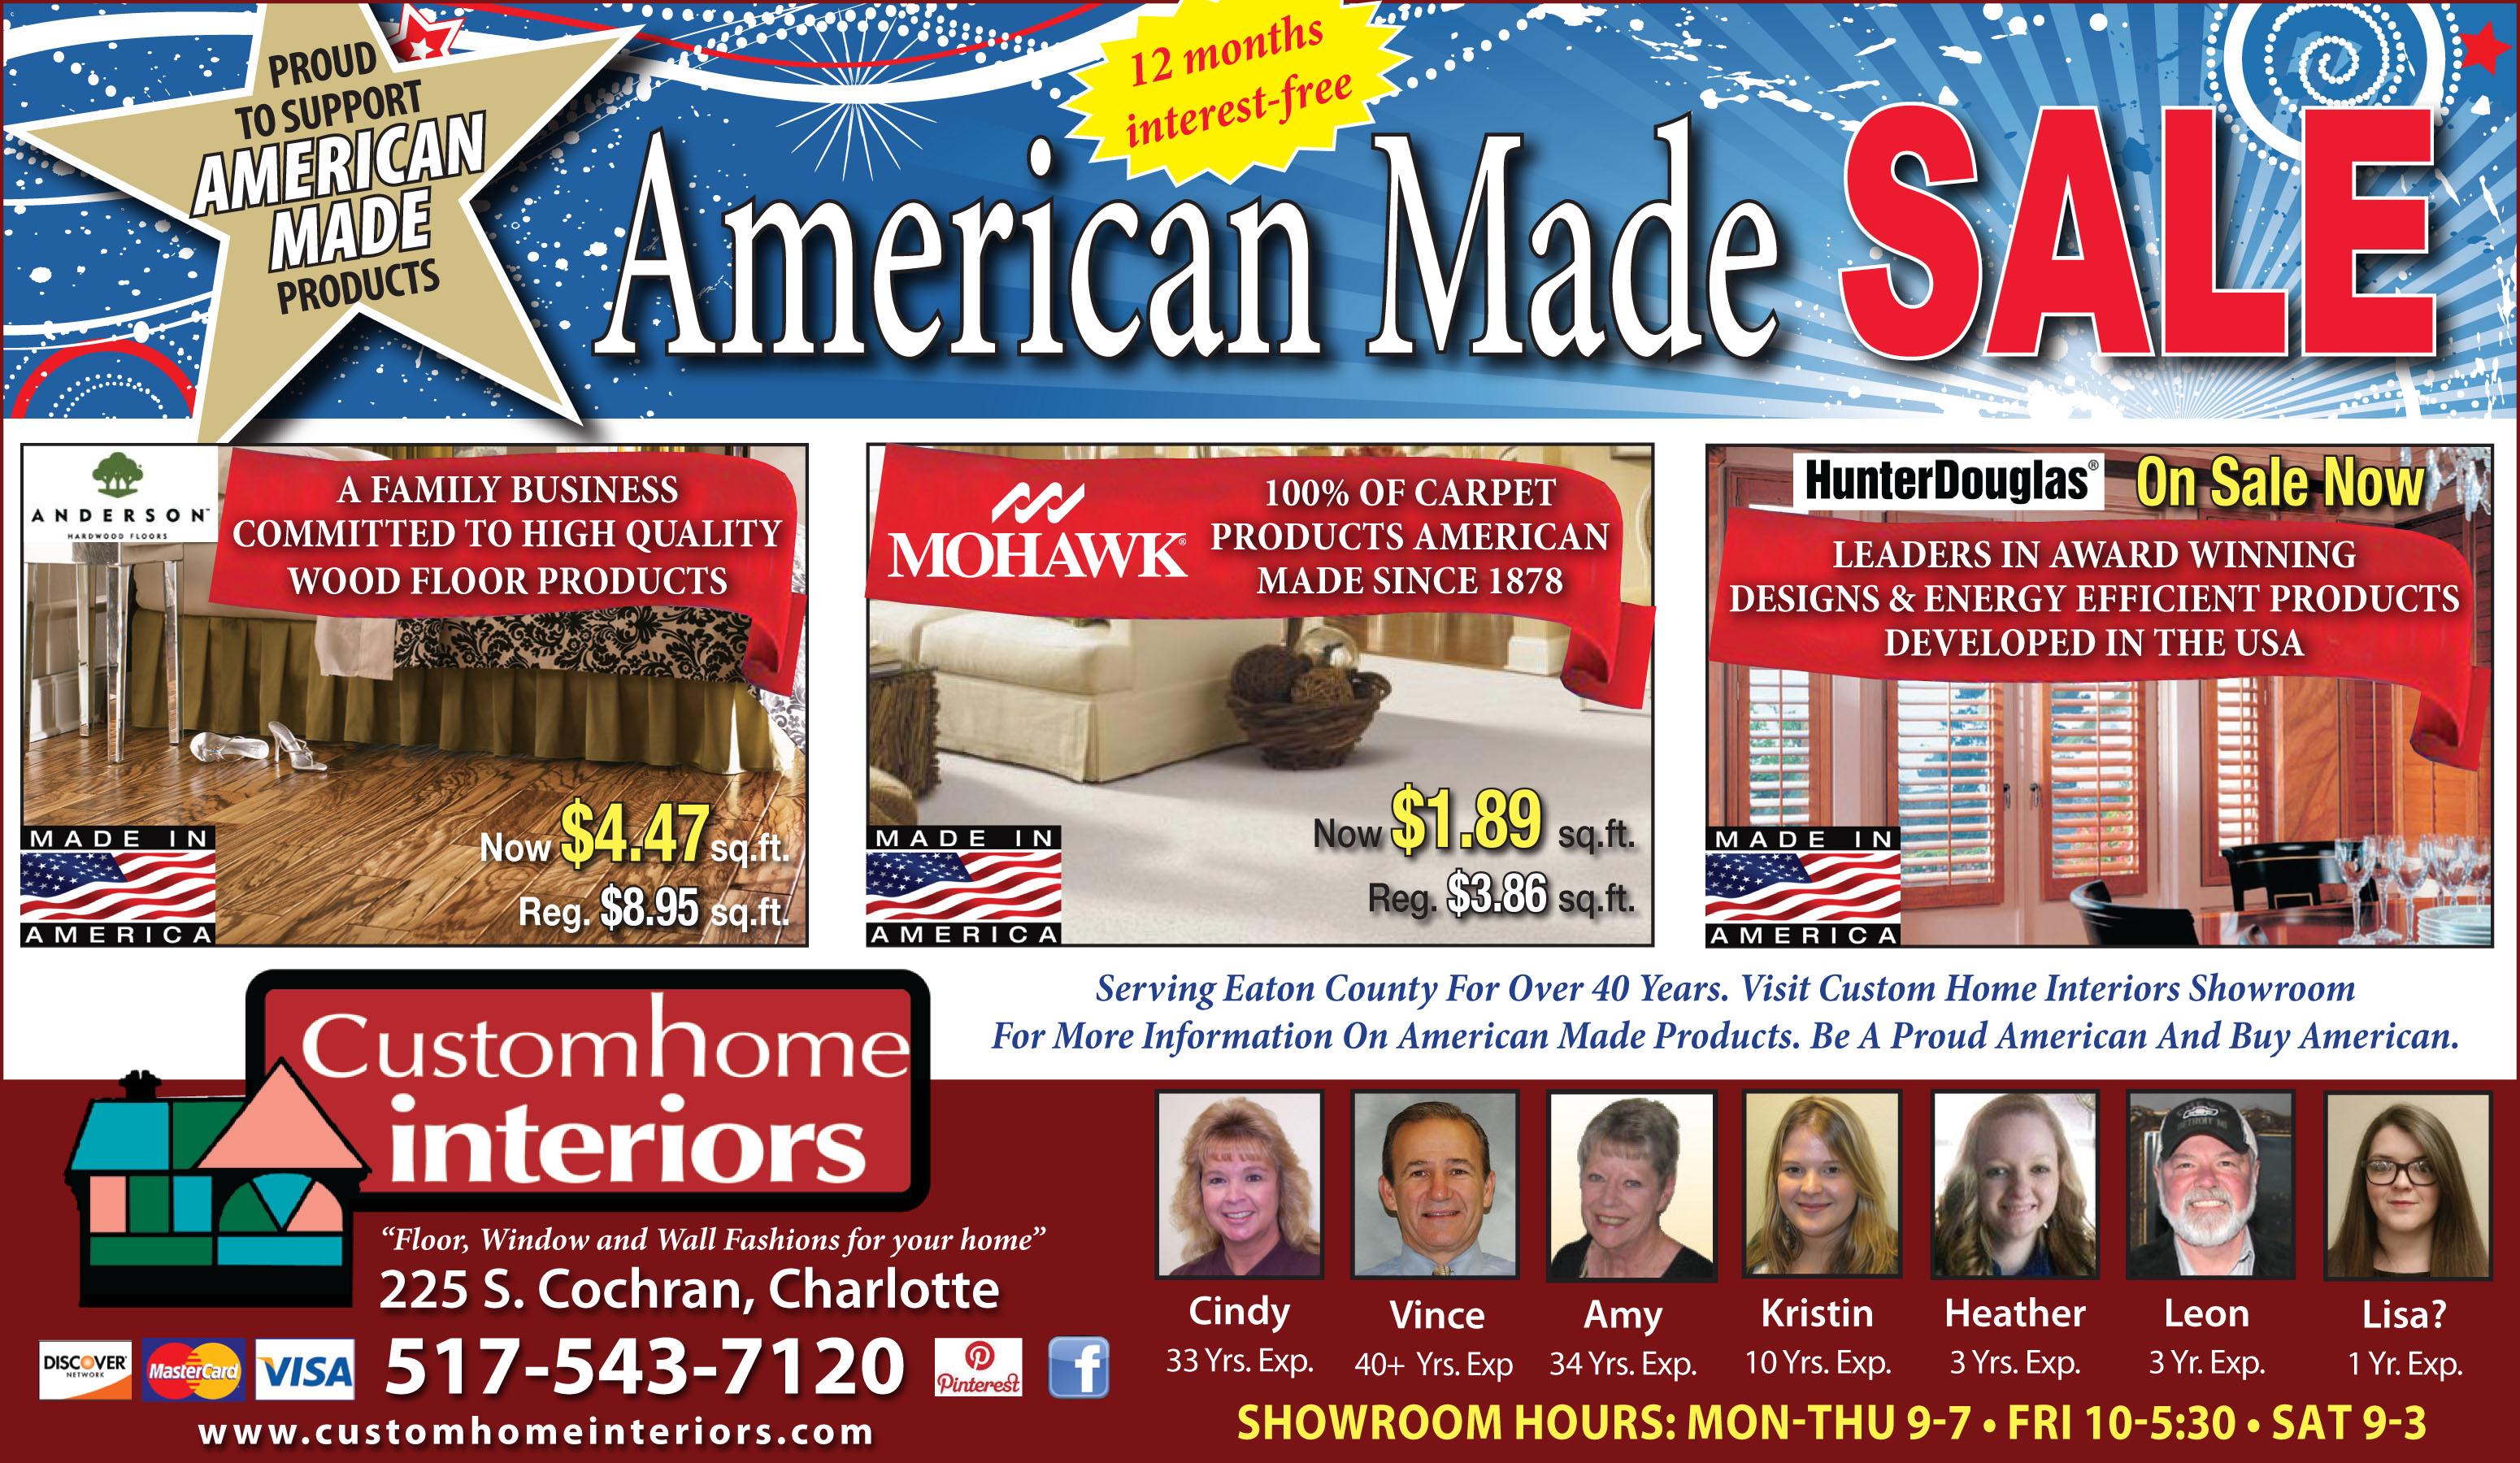 Special Custom Home Interiors